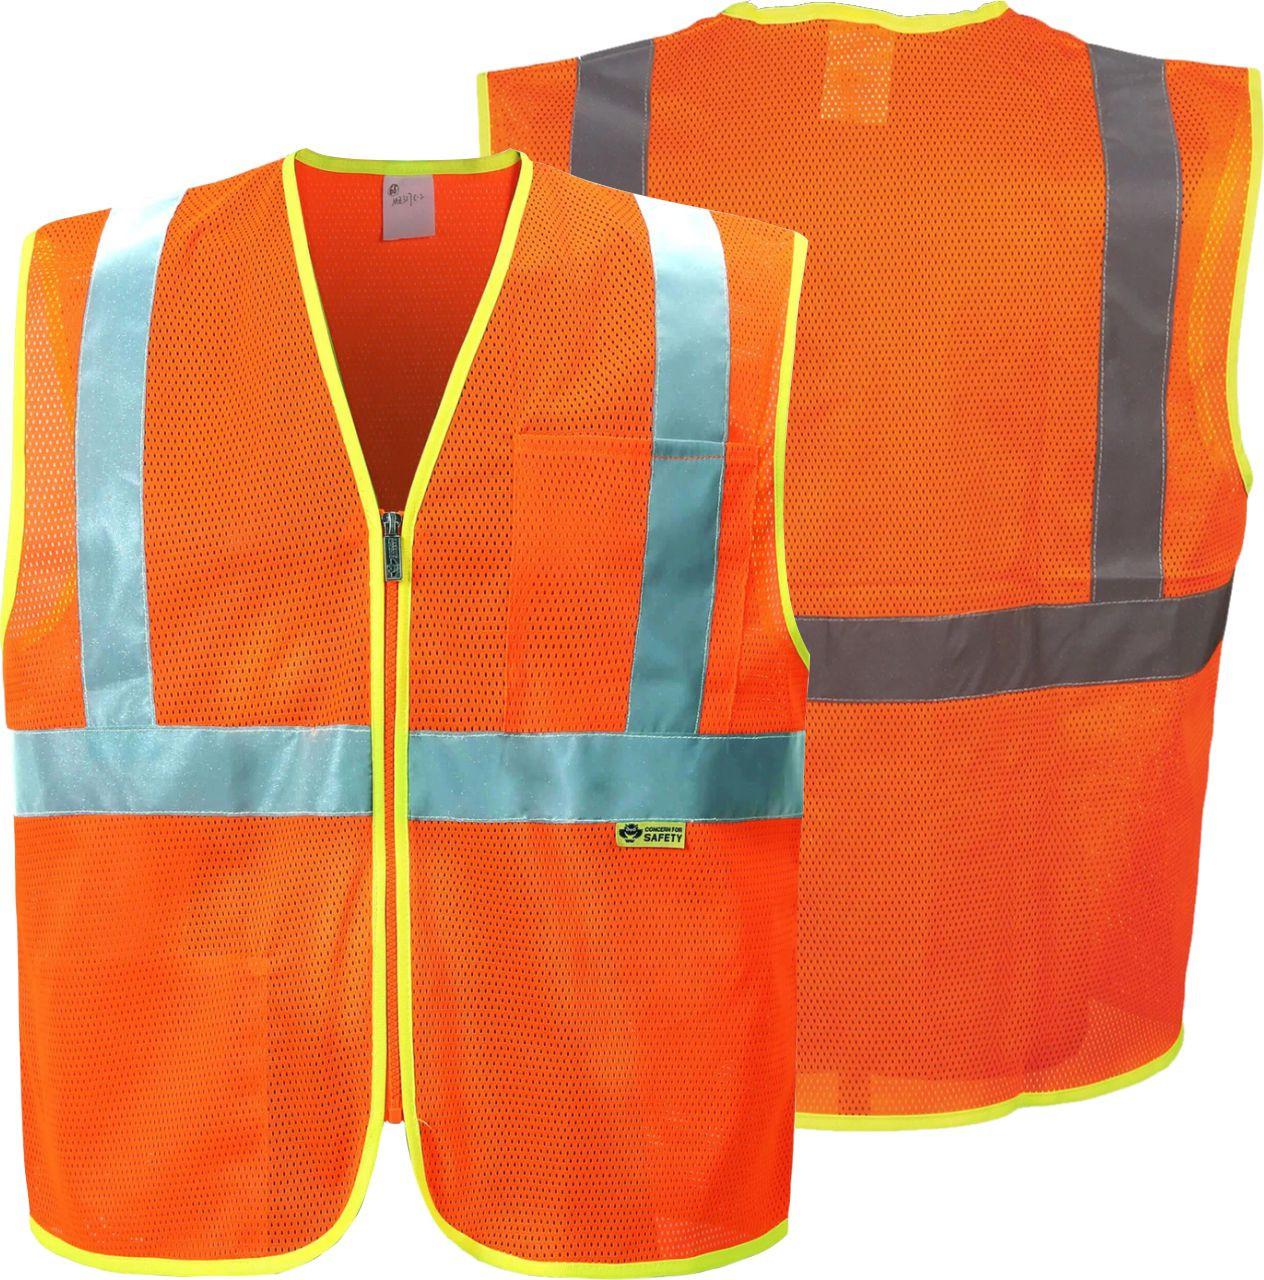 Safety Orange Safety Vest Class 2 | Best Class 2 Safety Vest